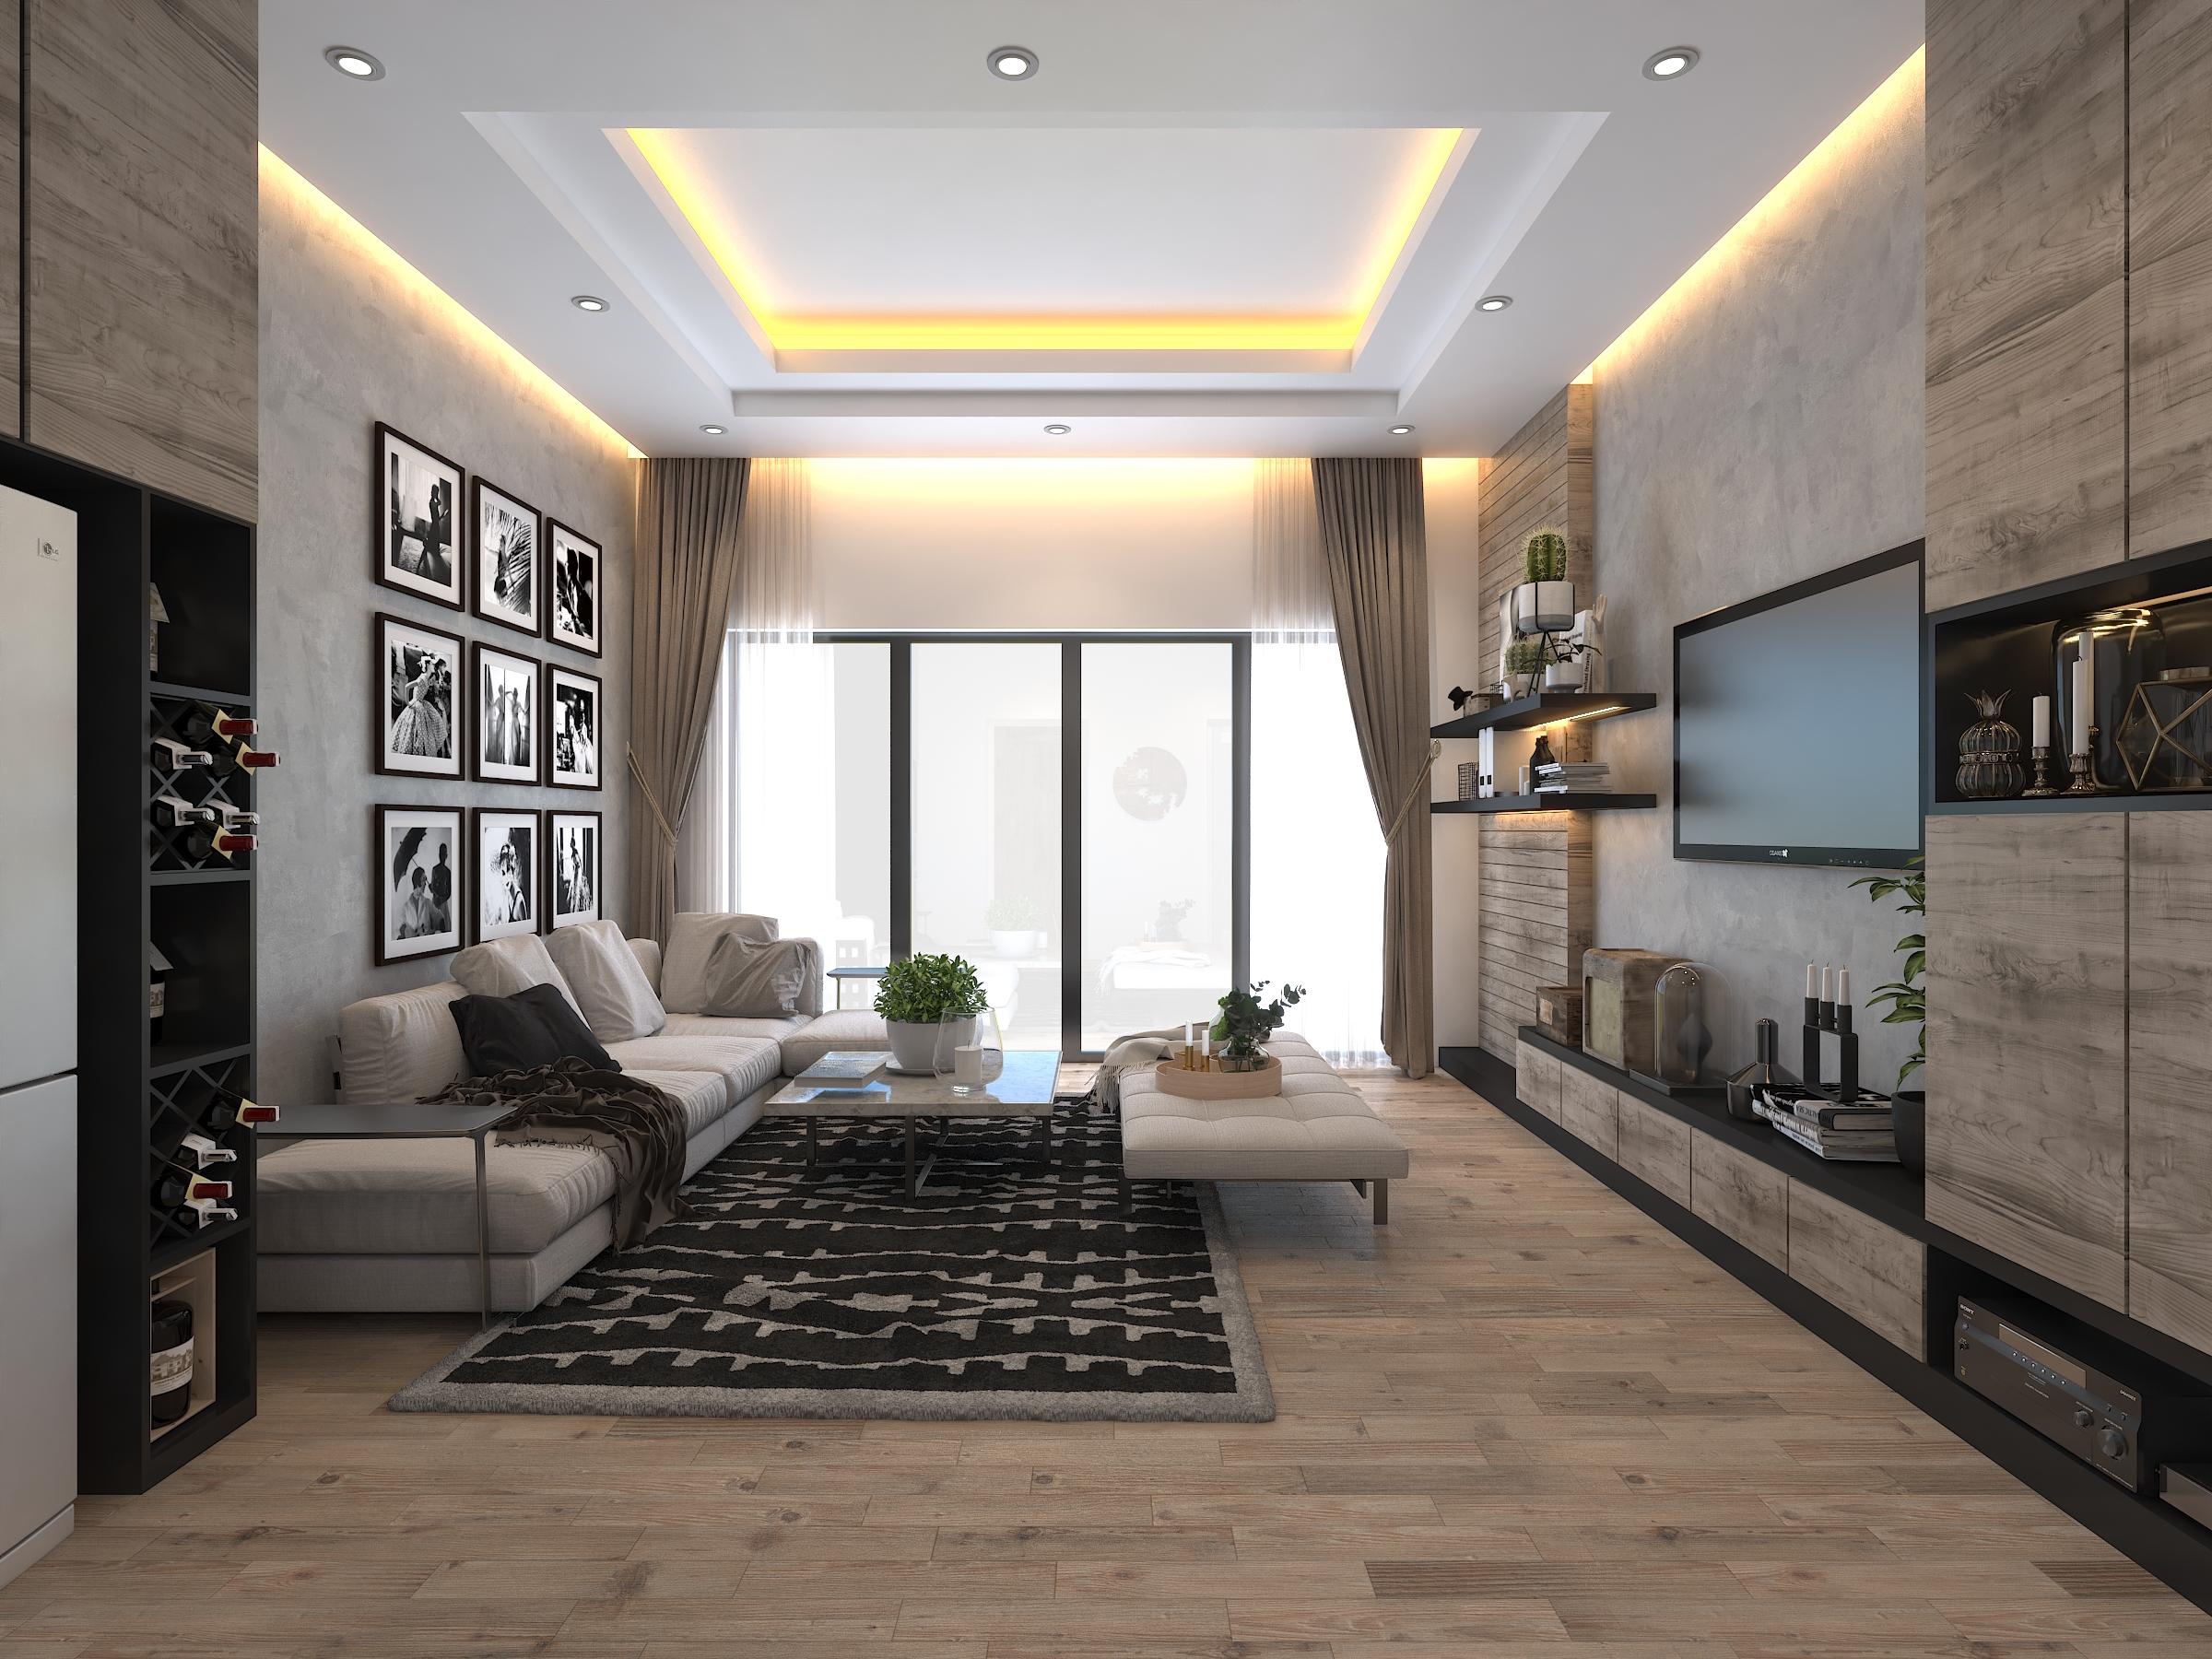 Thiết kế nội thất Nhà tại Hồ Chí Minh Ms'Thi House 1626189805 2